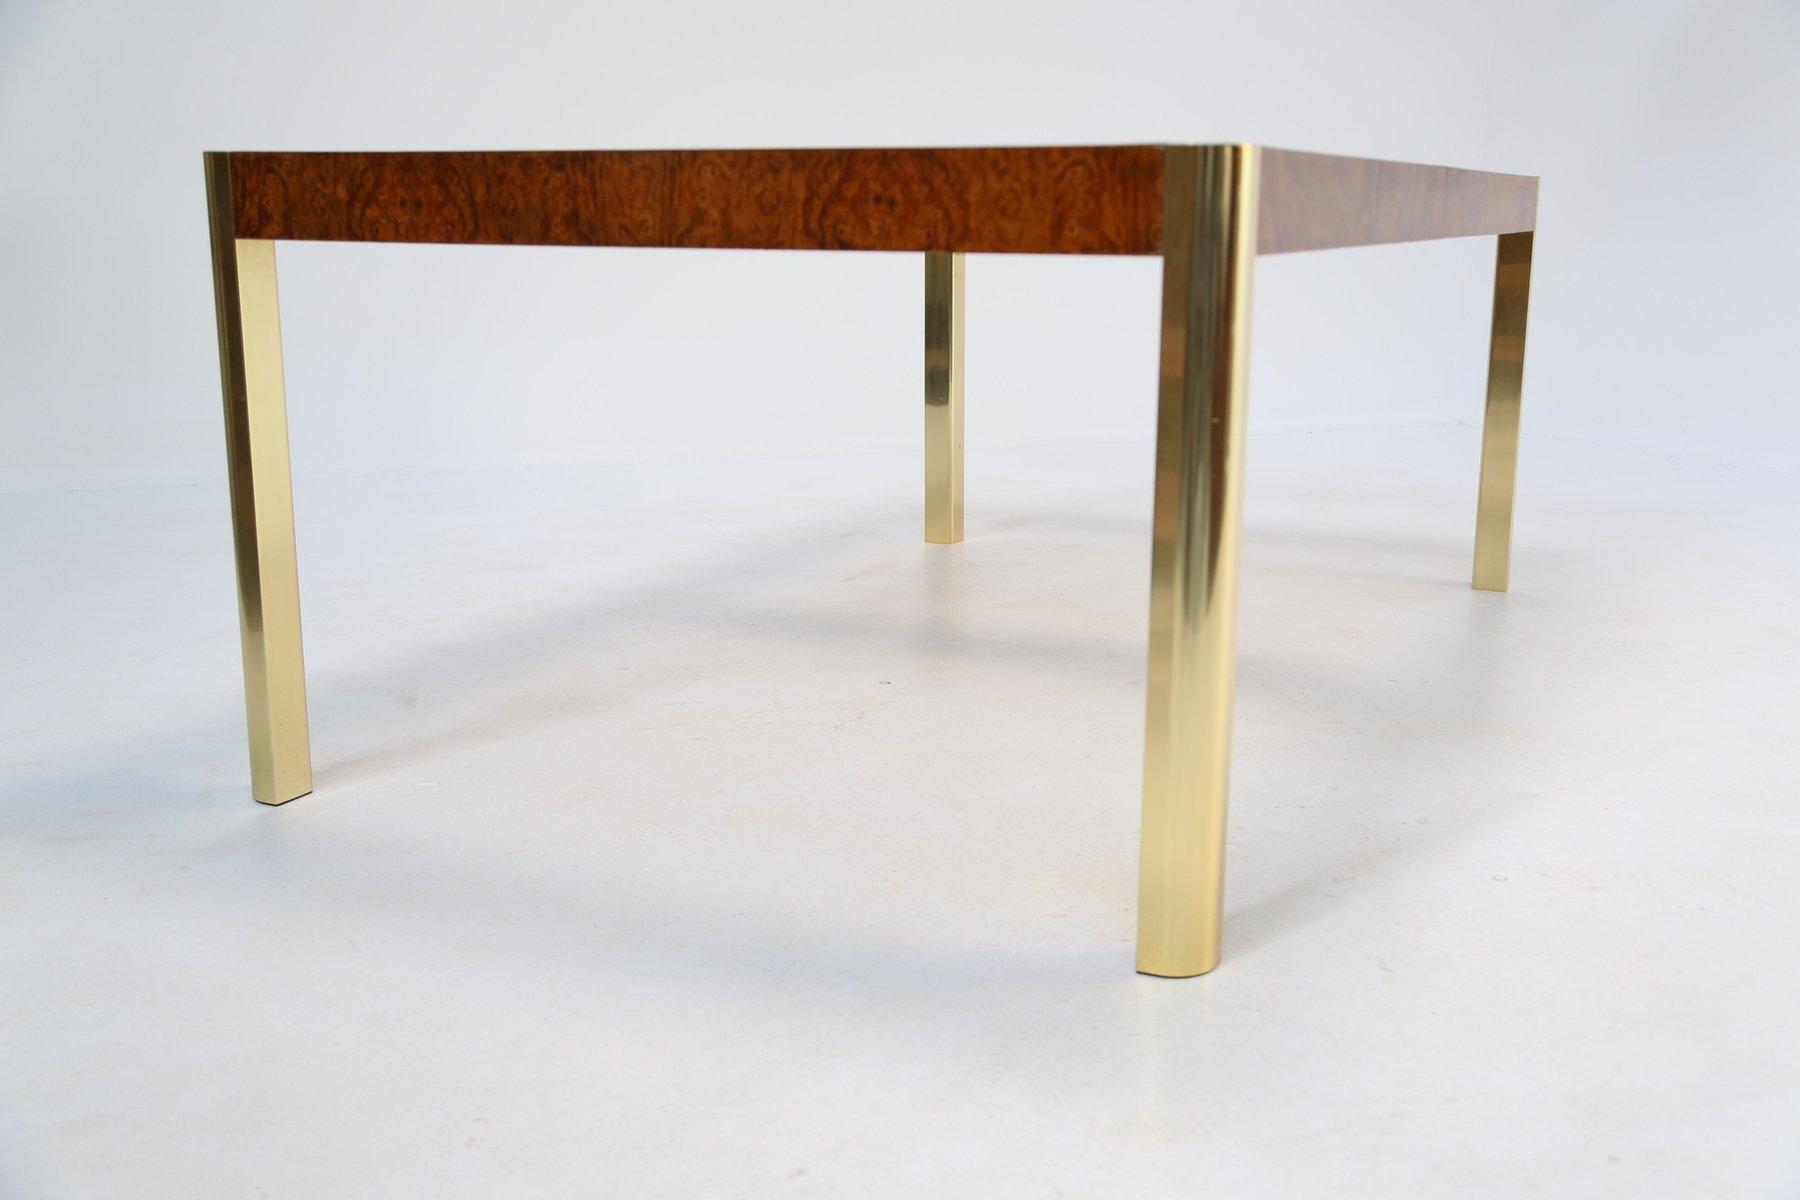 esstisch aus wurzelholz messing glas von century furniture 1970er bei pamono kaufen. Black Bedroom Furniture Sets. Home Design Ideas